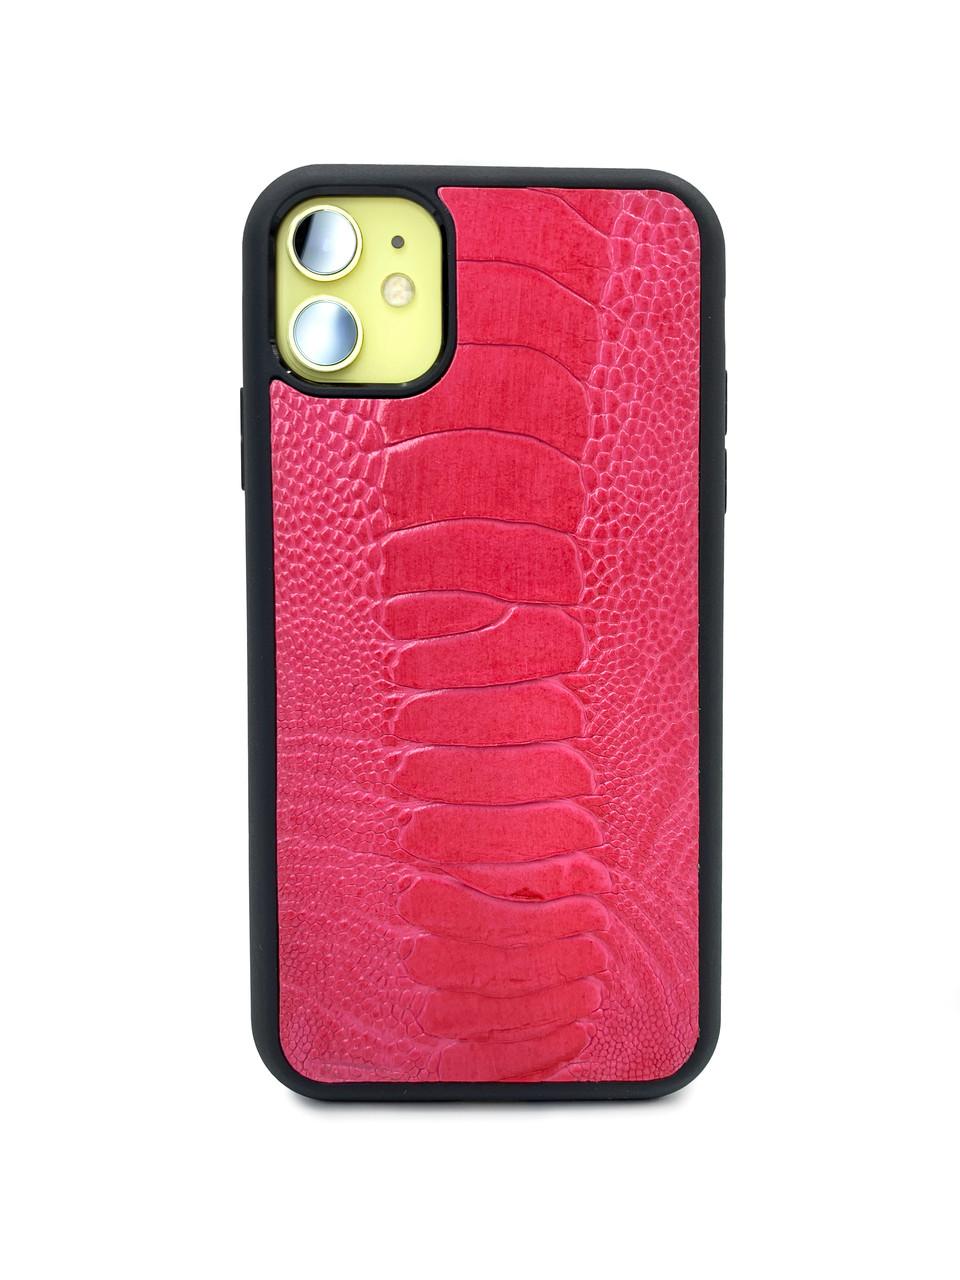 Чехол для iPhone 11 красно-розового цвета из кожи Страуса